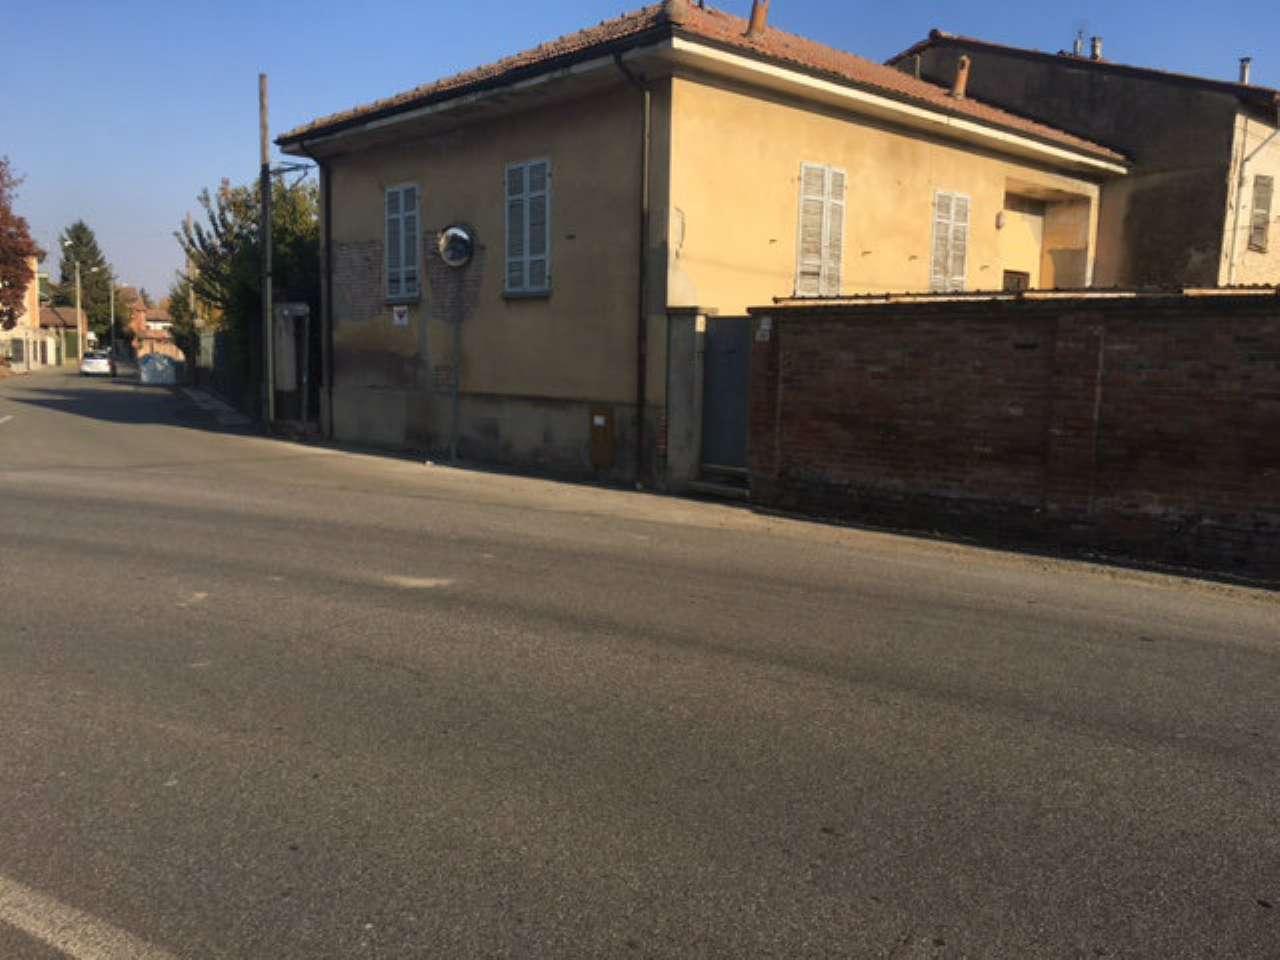 Villa in vendita a Castellazzo Bormida, 3 locali, prezzo € 70.000 | CambioCasa.it